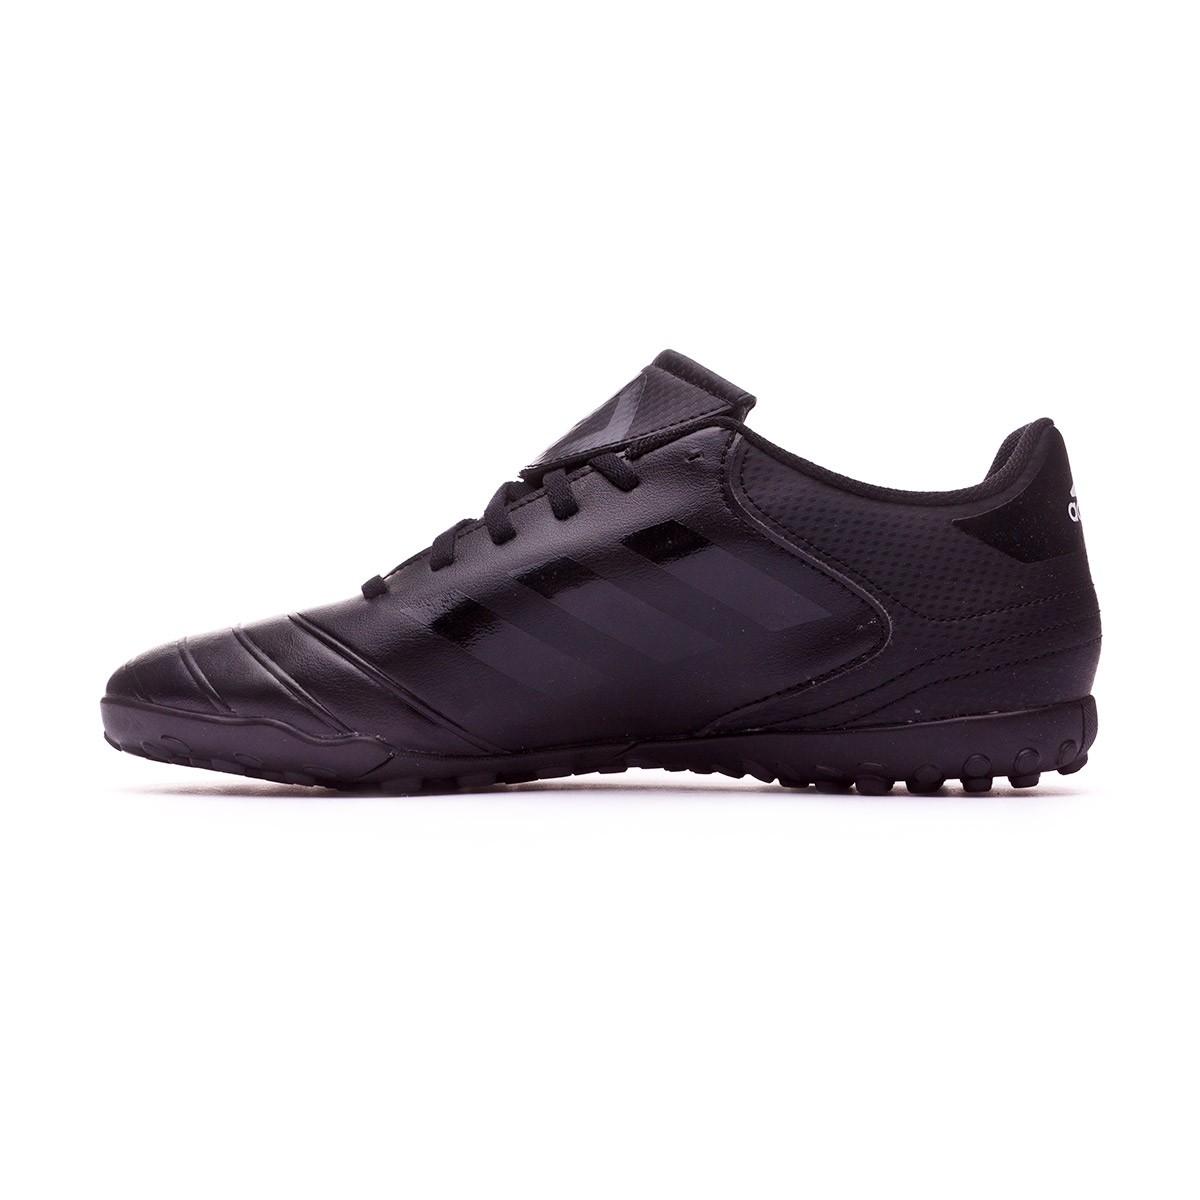 il boot adidas copa tango territorio centro bianco nero